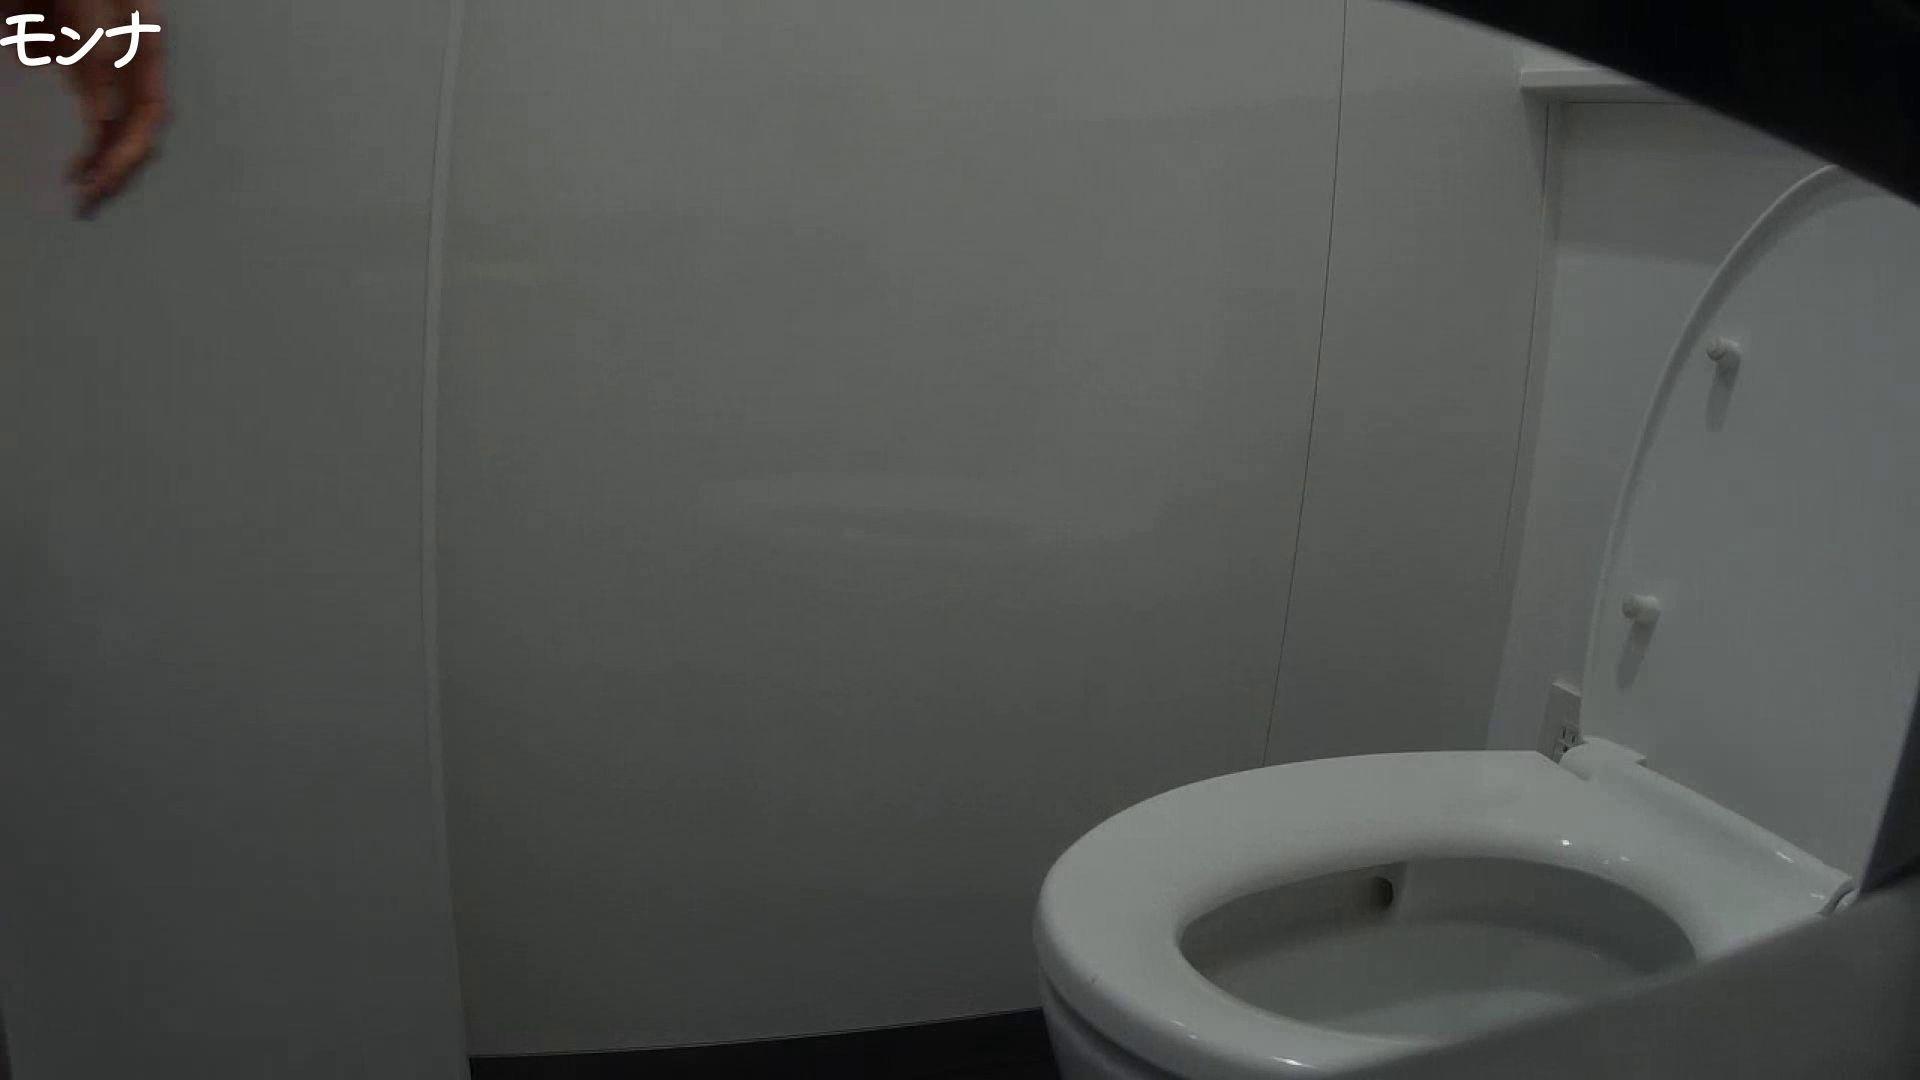 有名大学女性洗面所 vol.65 秘技!!マルチアングル天井撮り!! 高画質 | 洗面所のぞき  110枚 67